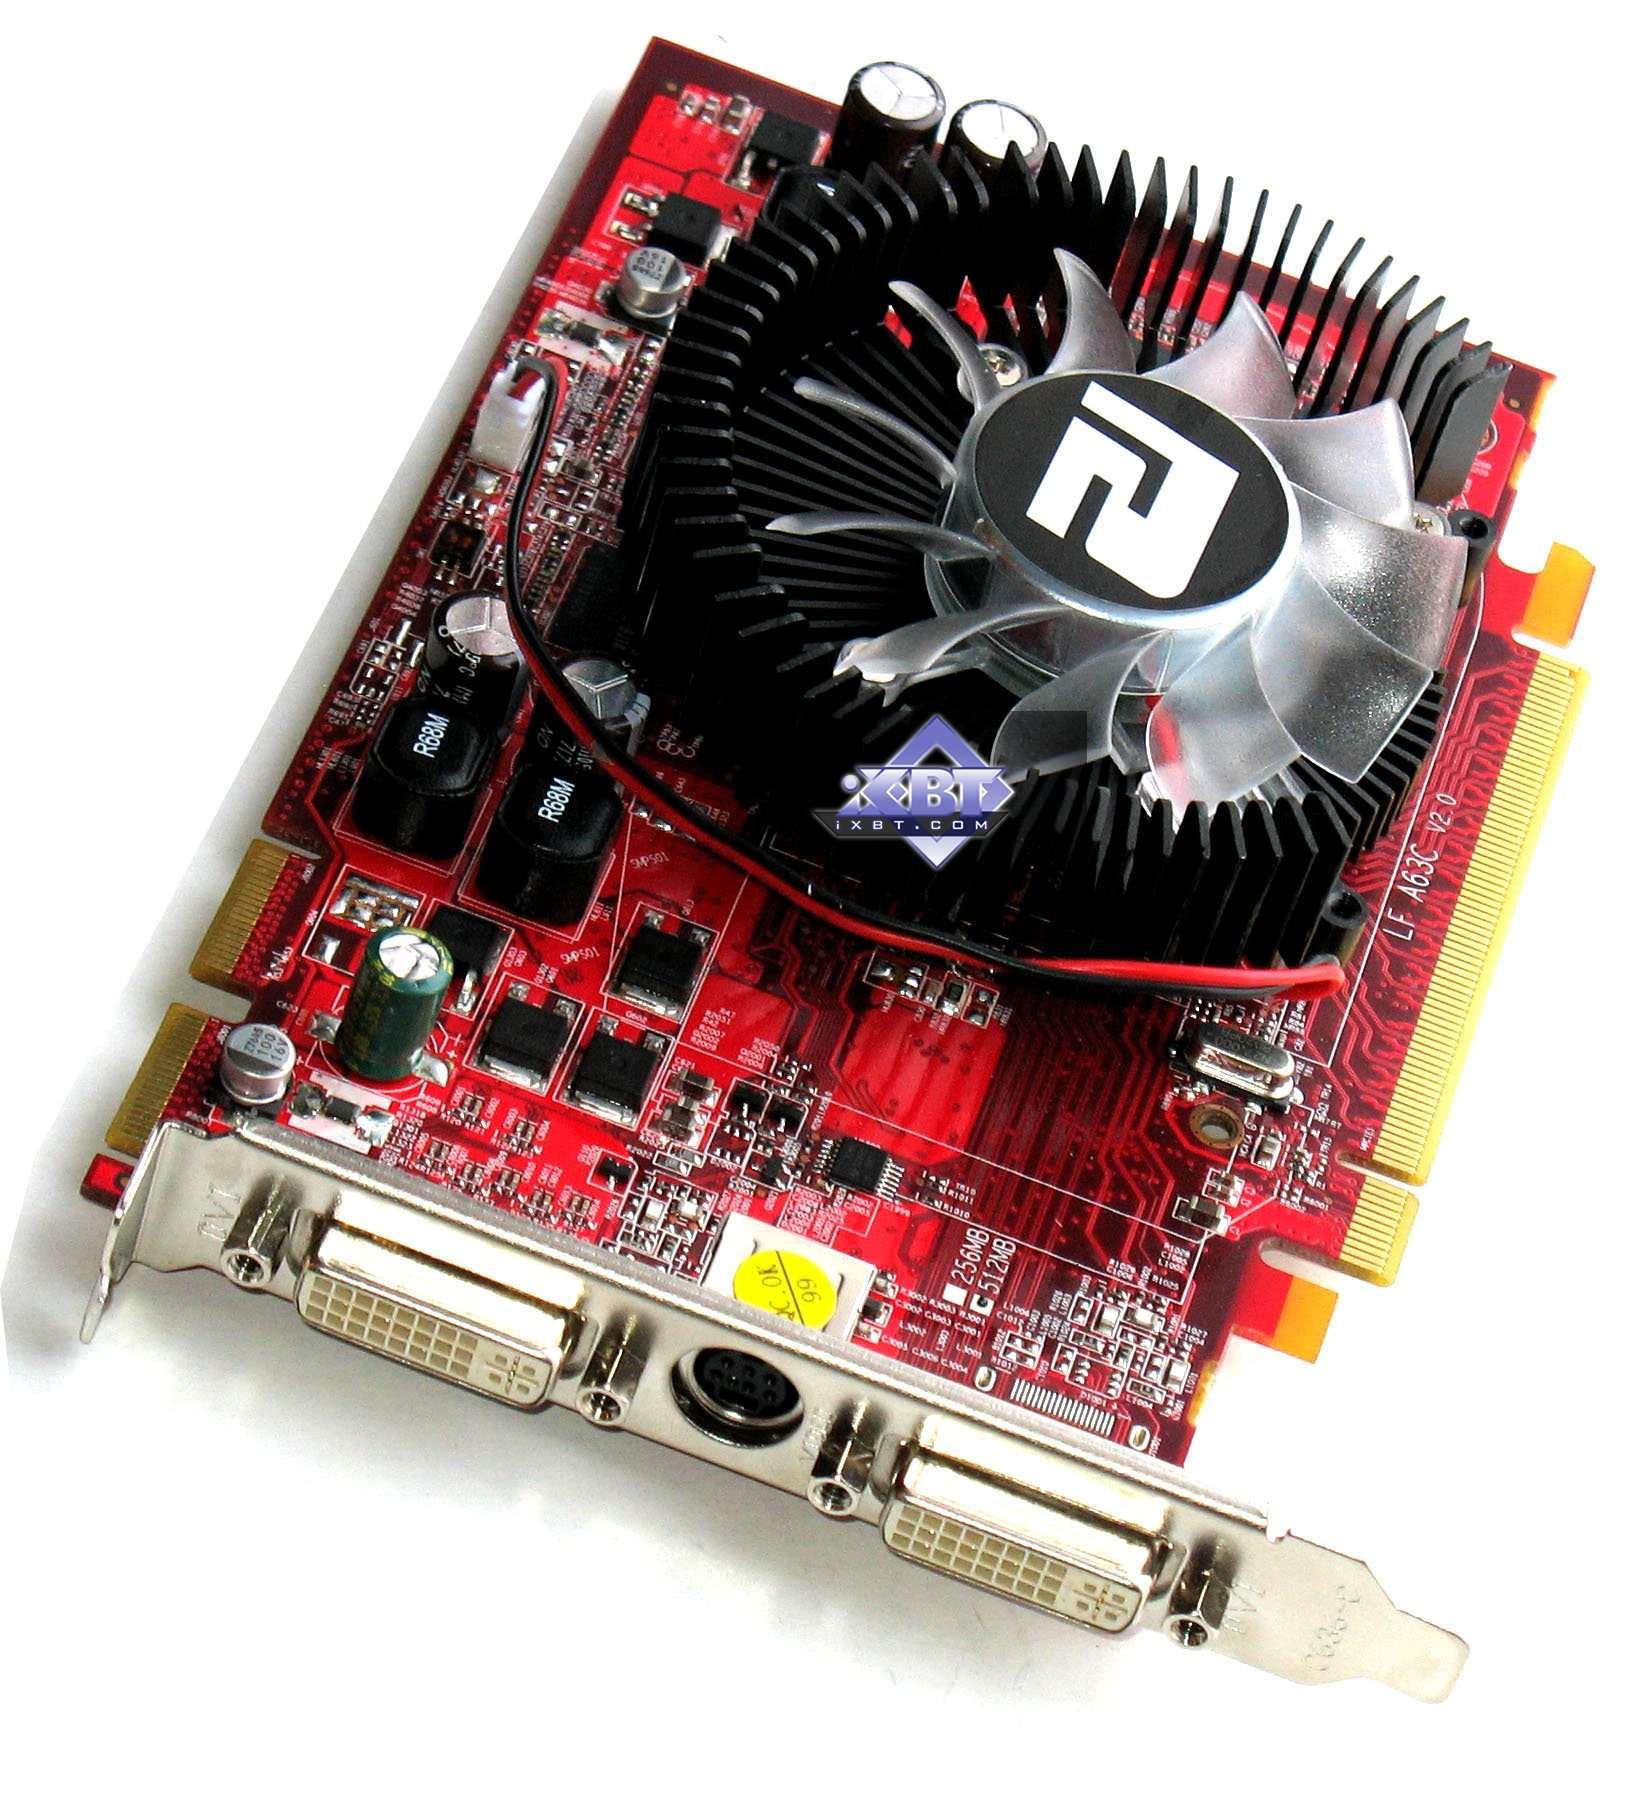 AMD/ATI Mobility Radeon HD 3650 drivers for Windows 8 ...